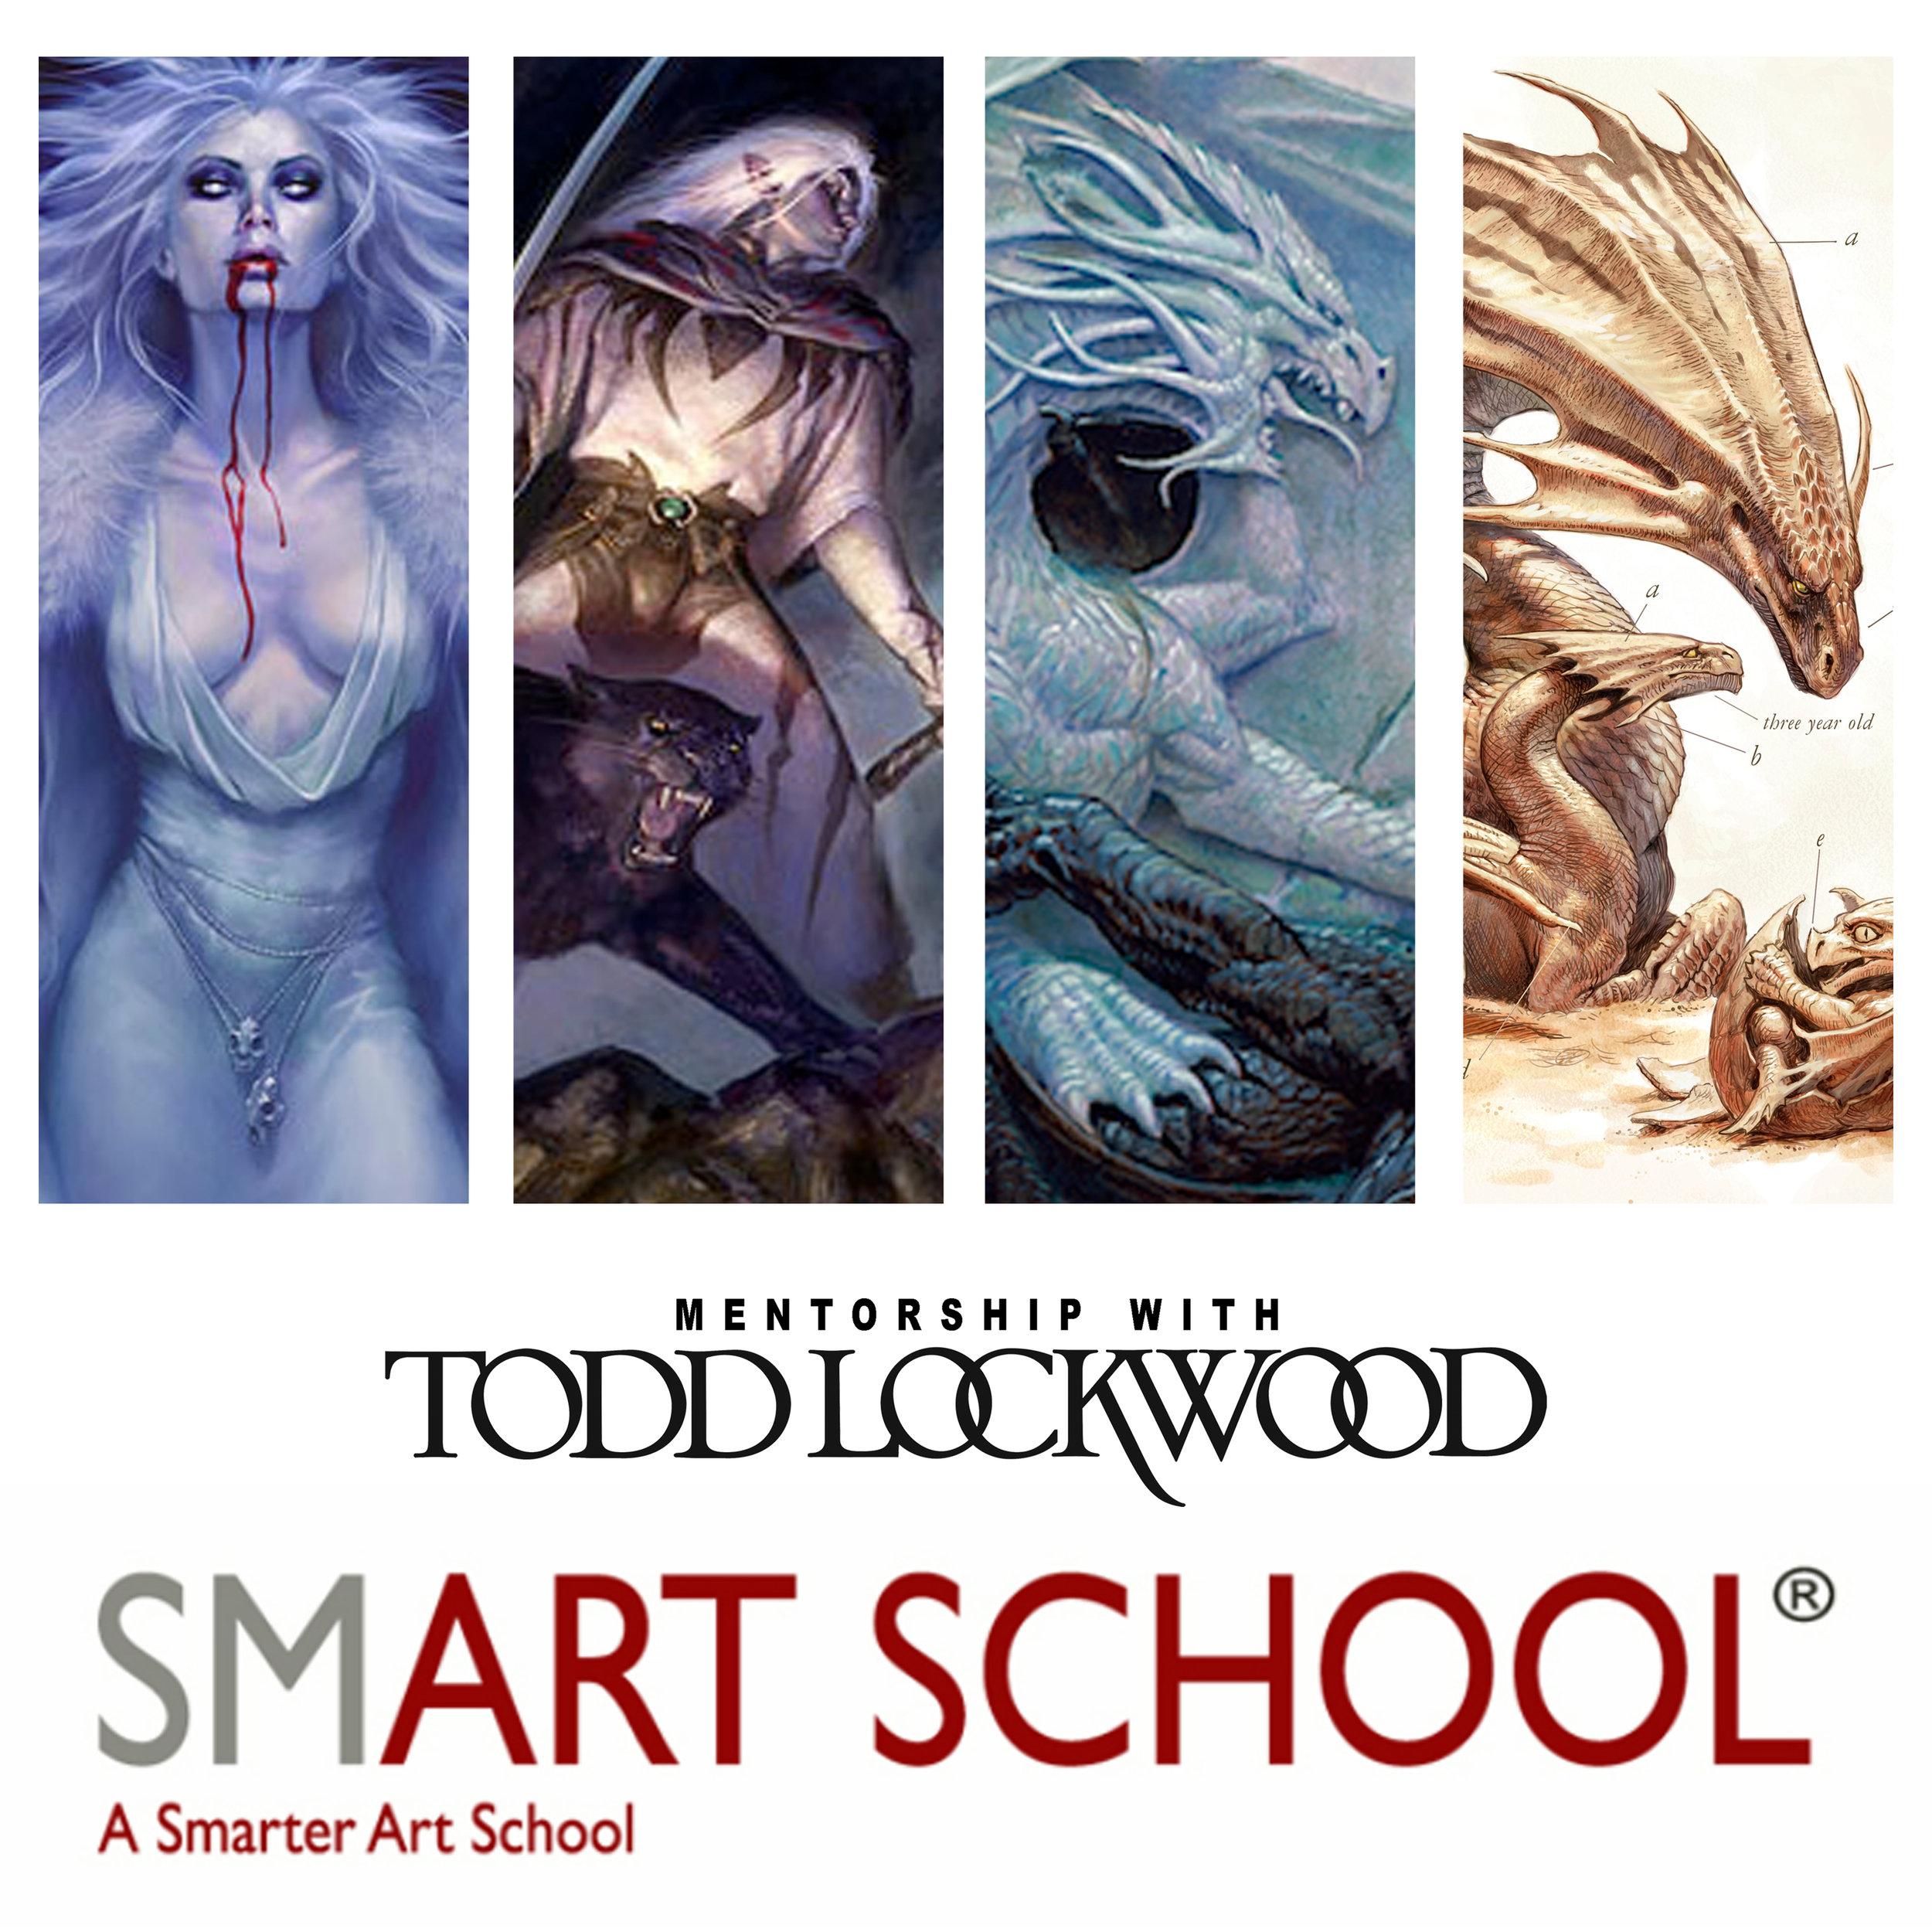 smartschoolINSTAGRAM.jpg